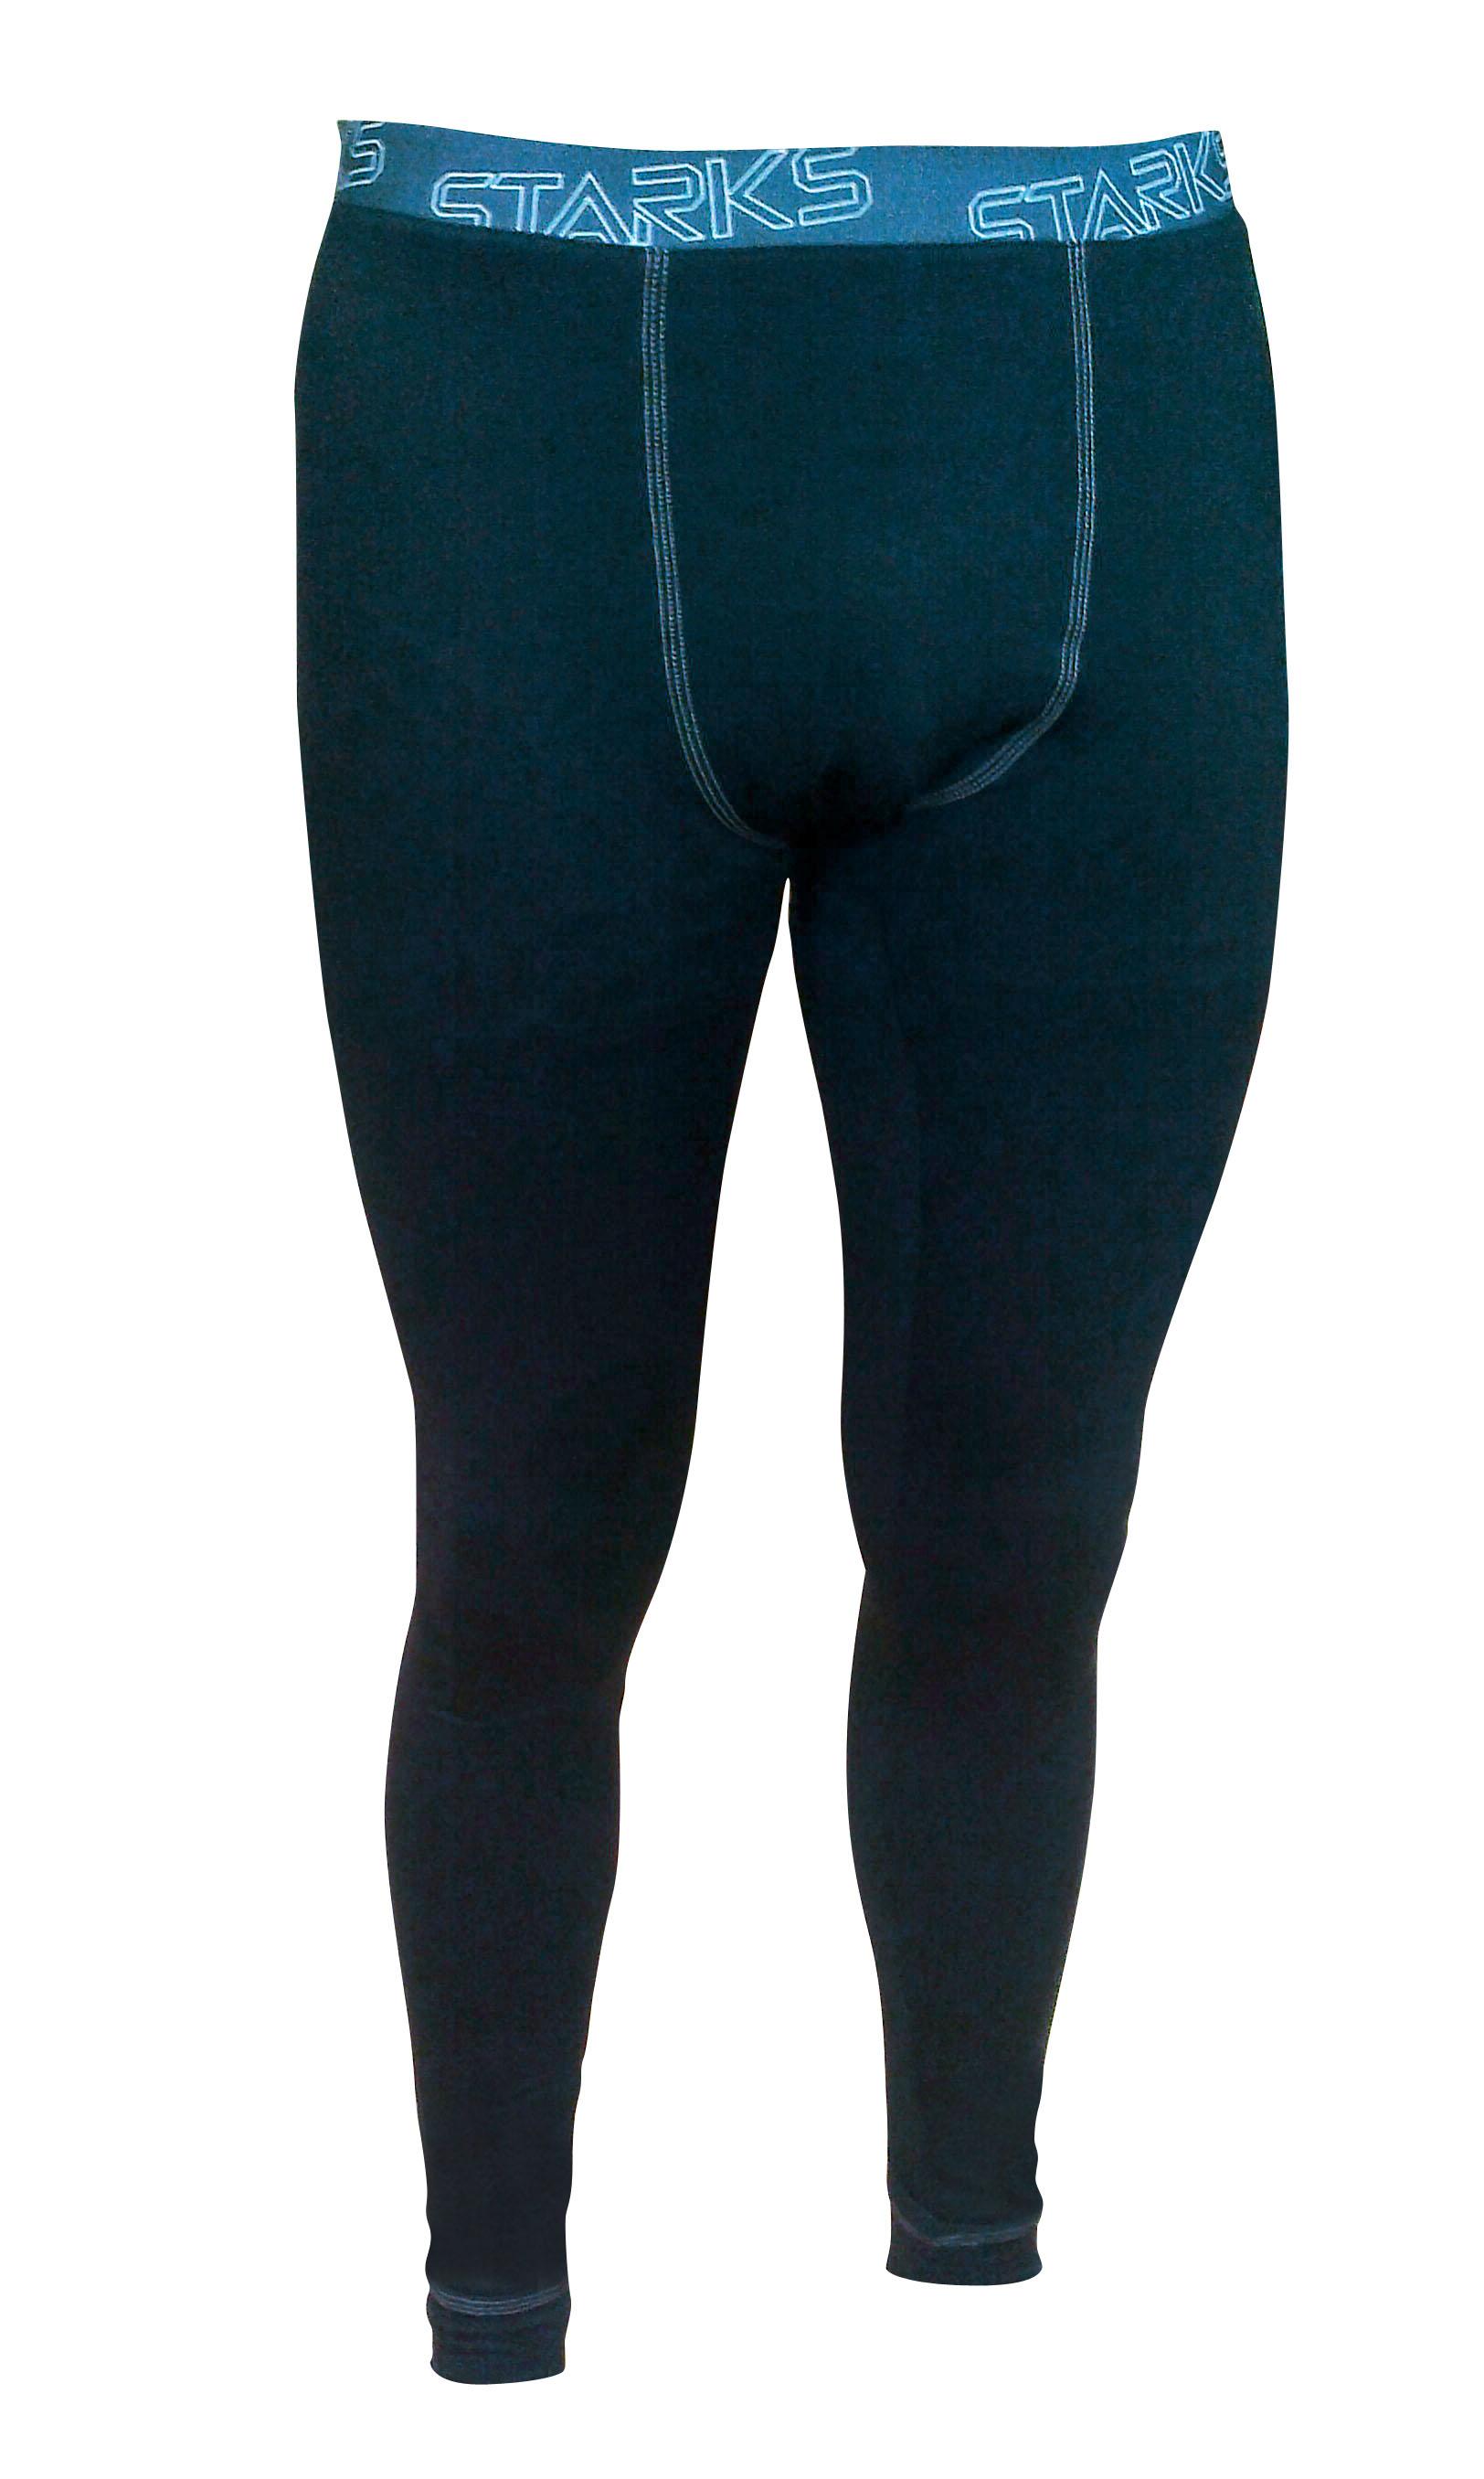 Термобелье брюки мужские Starks Warm, зимние, цвет: черный. Размер XLЛЦ0023_XL_МужАнатомическое термобелье, выполнено из Европейской сертифицированной ткани Polarstretch. Высокие эластичные свойства материала позволяют белью максимально повторять индивидуальную анатомию тела, эффект второй кожи. Отличные влагоотводящиесвойства, что позволяет телу оставаться сухим. Высокие термоизоляционные свойства, позволяют исключить переохлаждение или перегрев. Воротник стойка обеспечивает защиту шеи от холода. Белье предназначено для активных физических нагрузок. Повседневное использование, в качестве демисезонного. Особенности: STOP BACTERIA Защита от перегрева или переохлаждения Эластичные, мягкие плоские швы Гипоаллергенно Состав: 92%-полиэстер, 8%-эластан